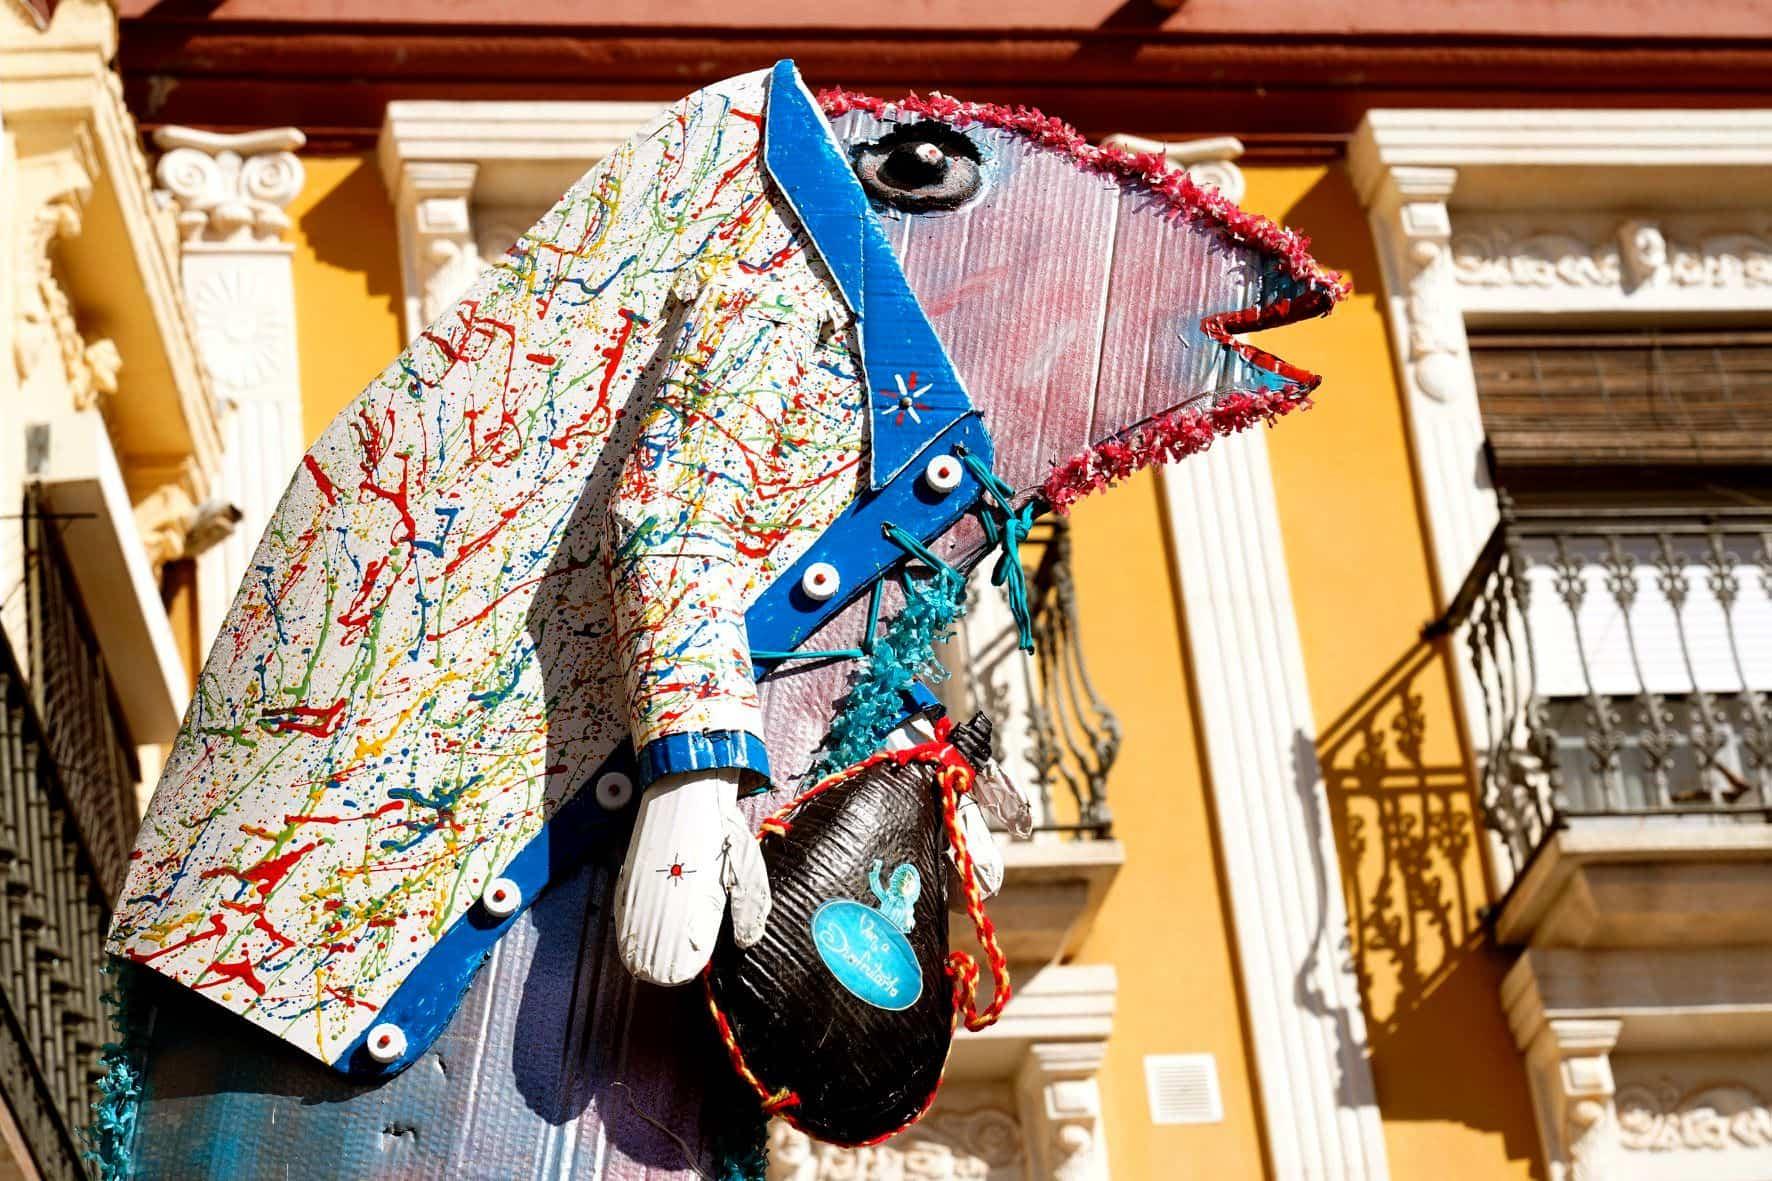 Carnaval de Herencia 2020 entierro sardina 13 - El Entierro de la Sardina 2020 del Carnaval de Herencia